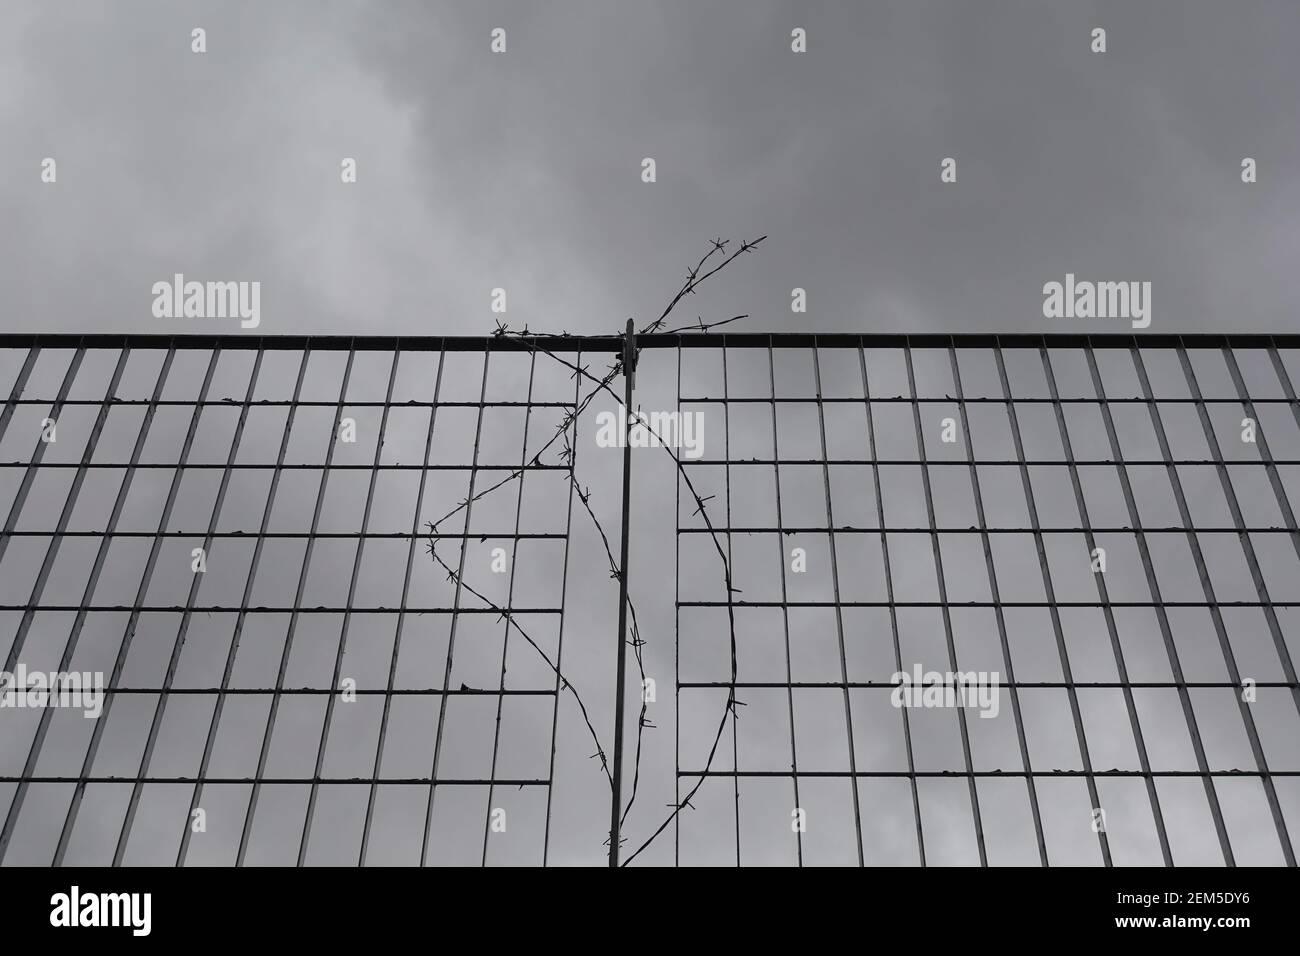 Recinzione in rete metallica e filo spinato sotto il cielo nuvoloso. Foto Stock